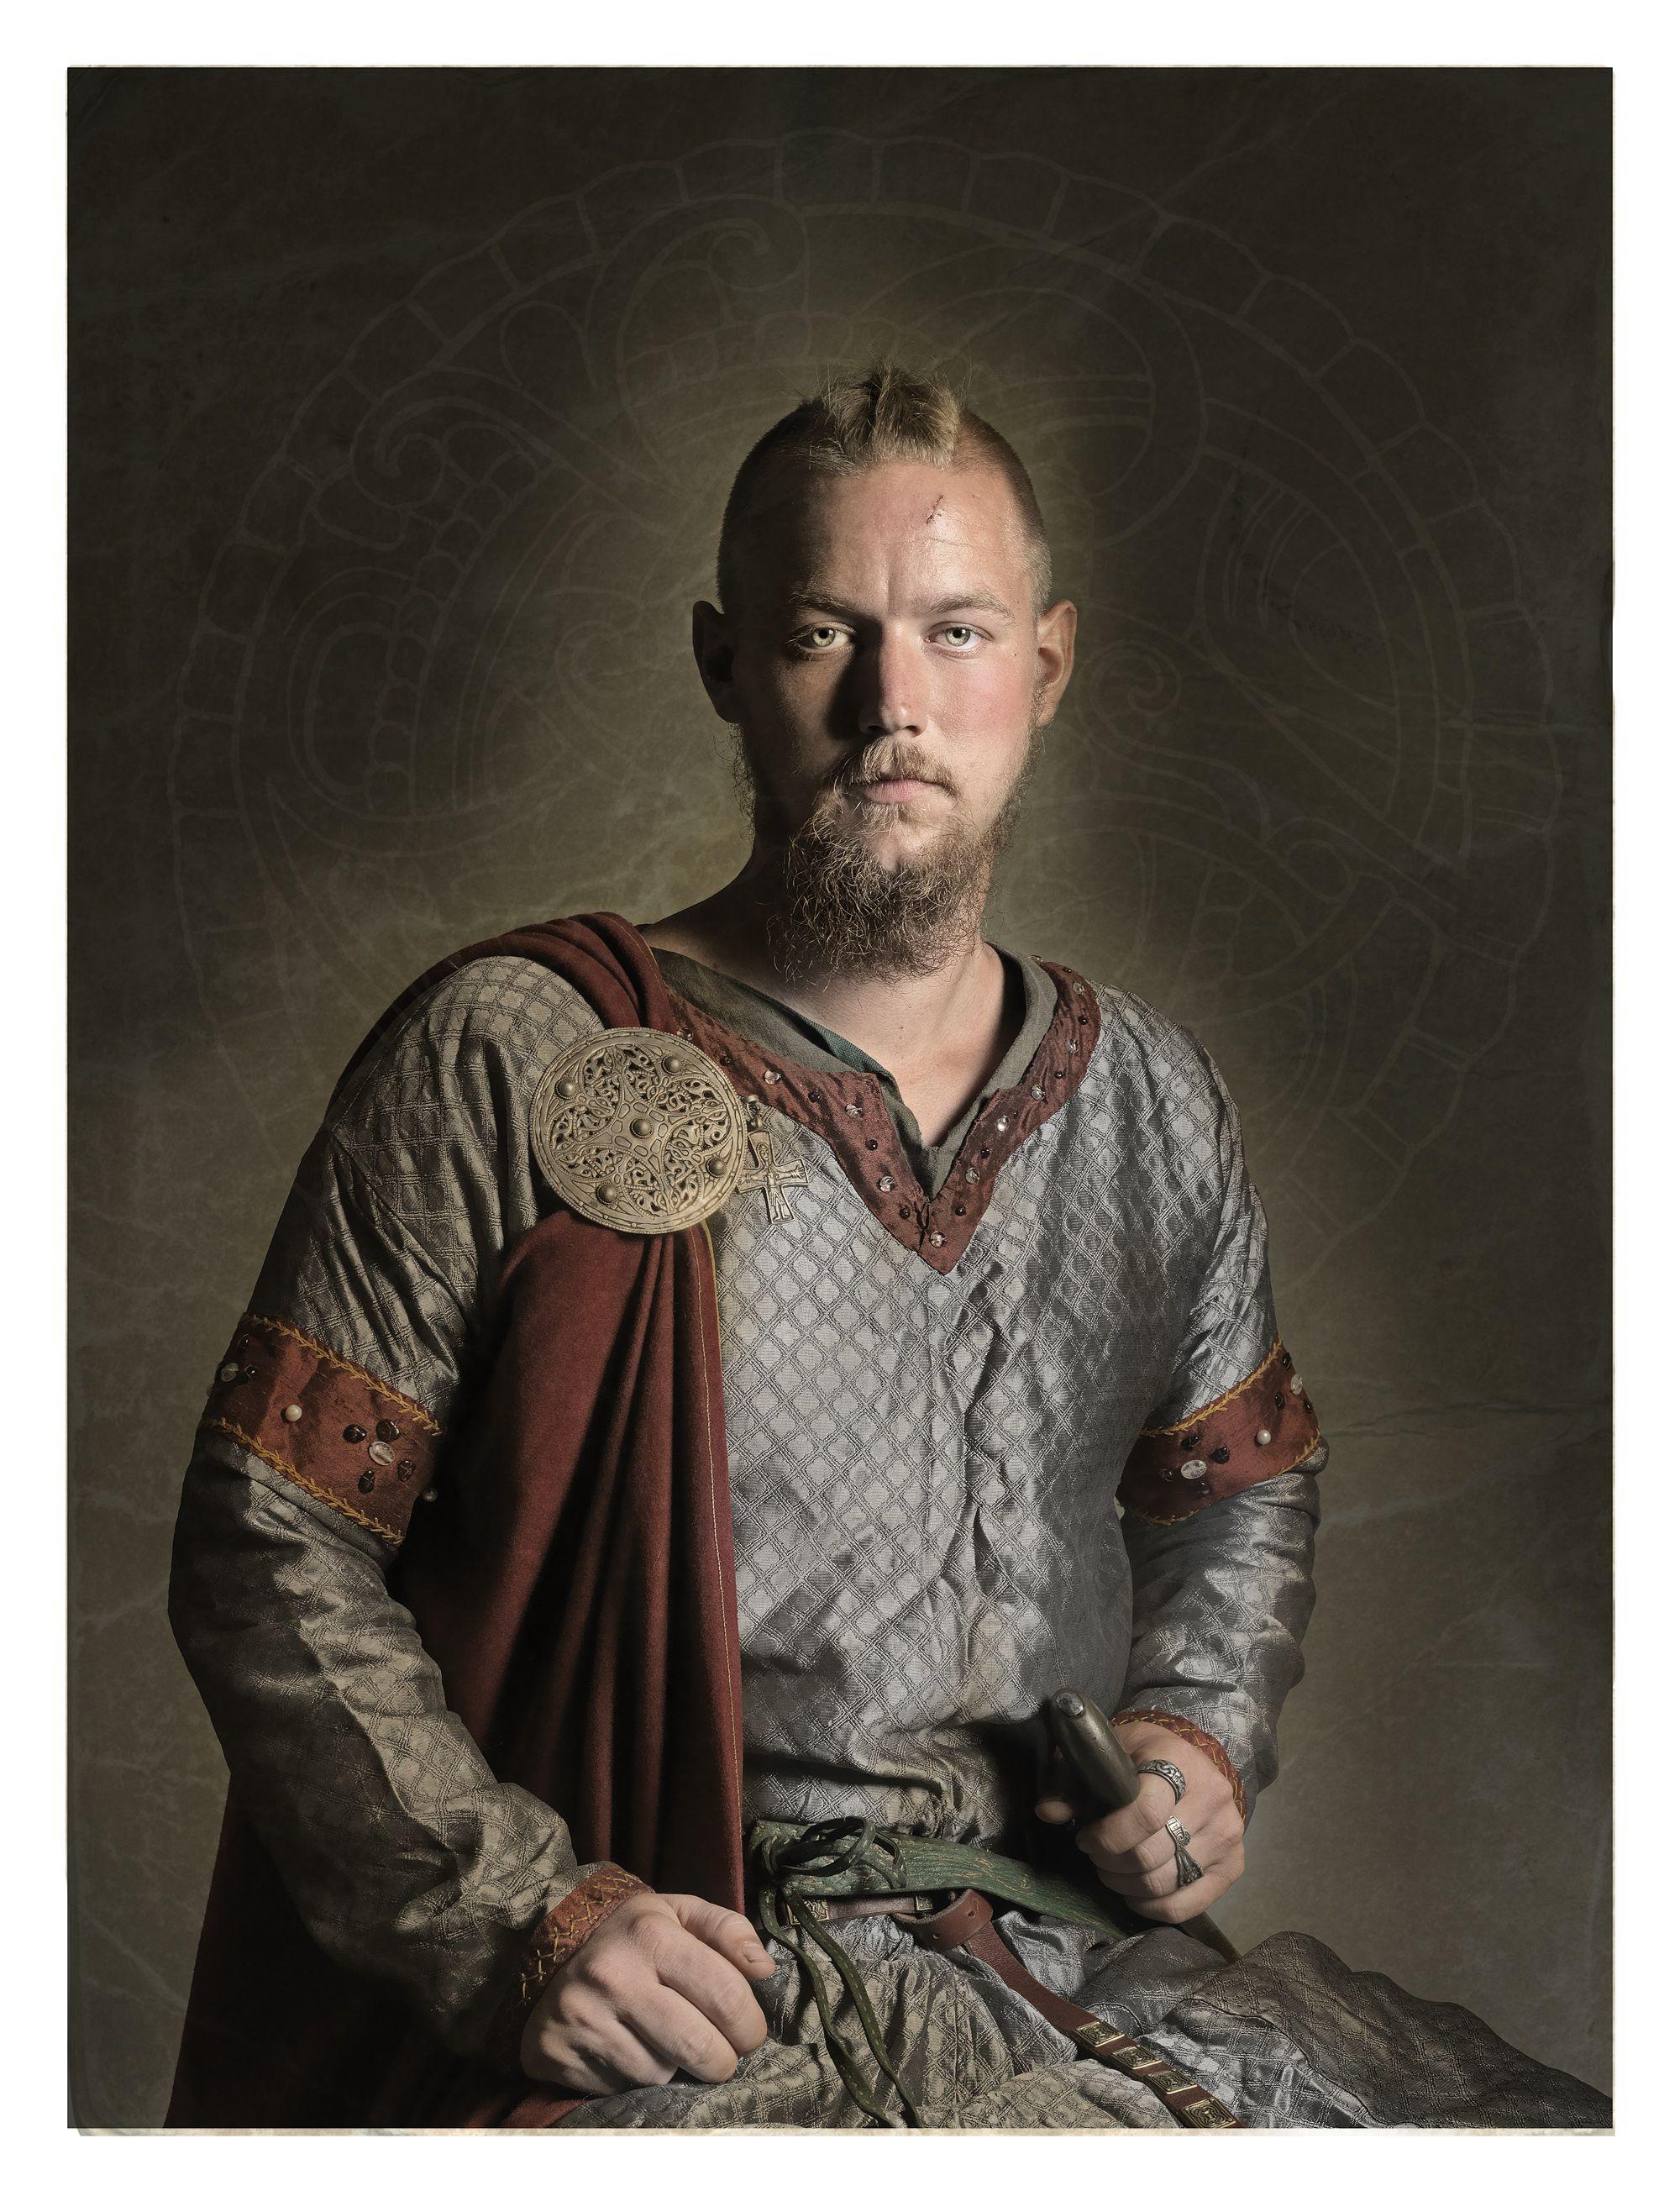 jim lyngvild viking